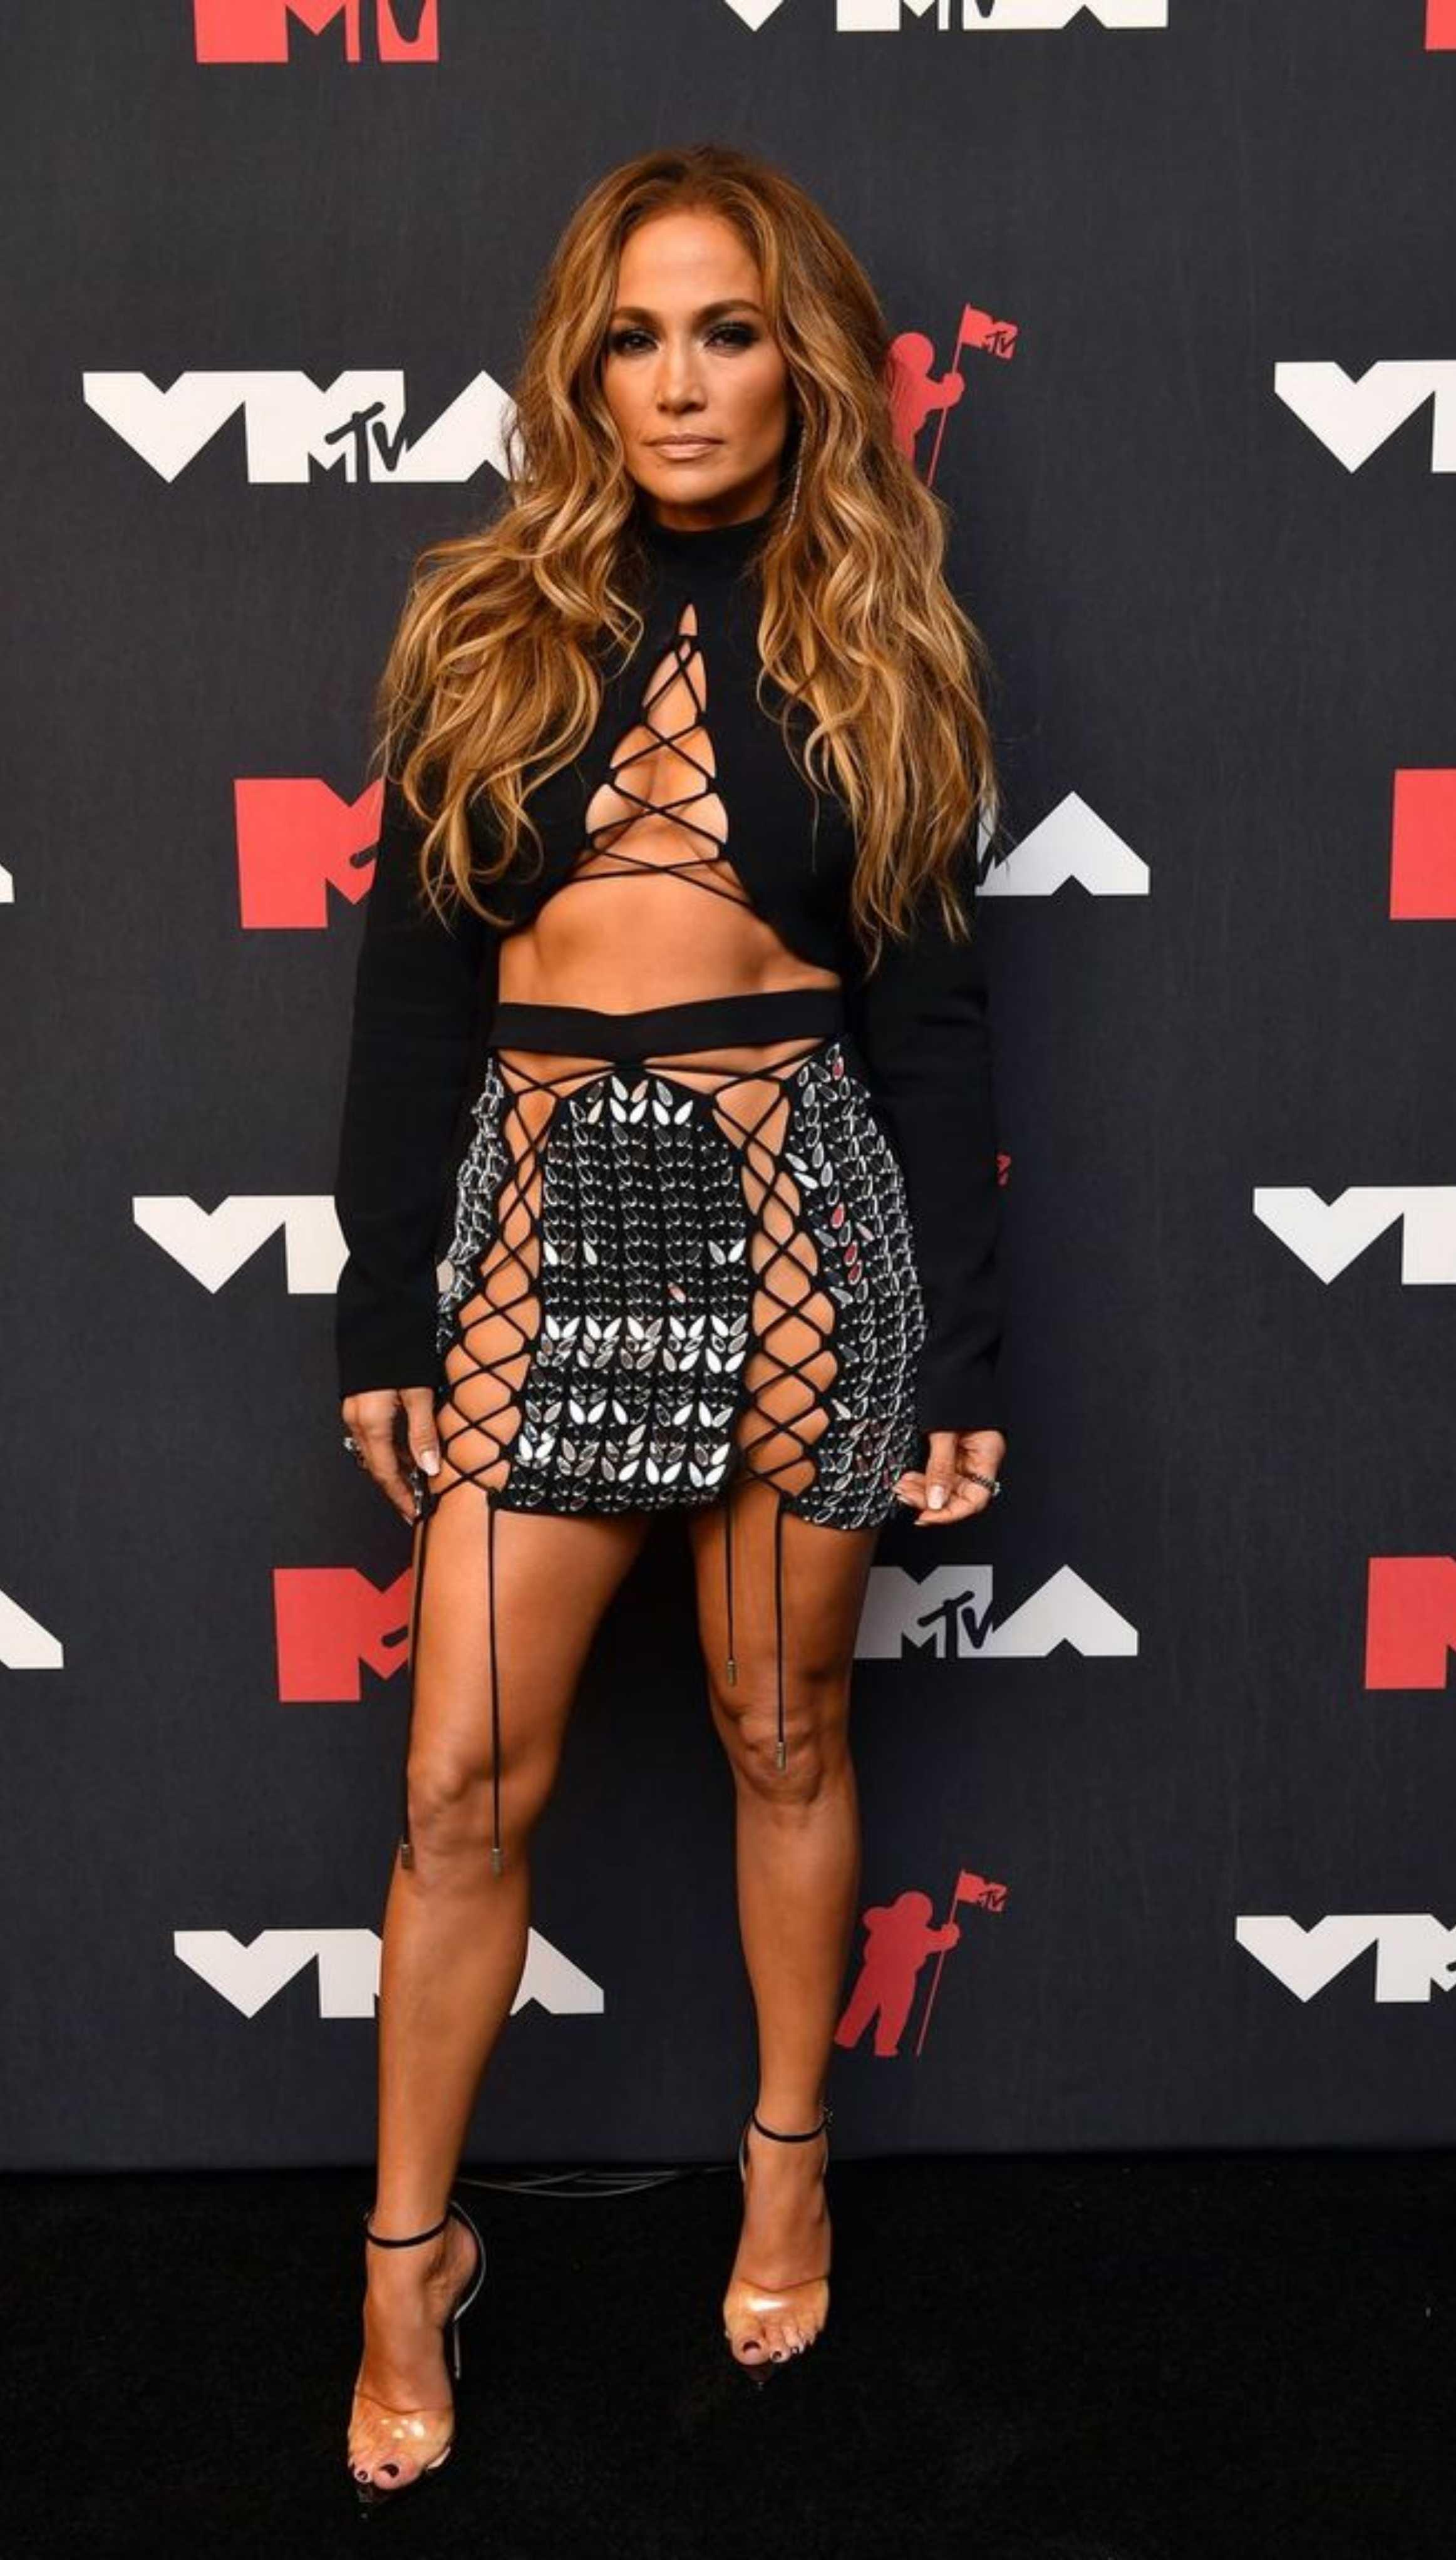 jlo en los MTV Video Music Awards